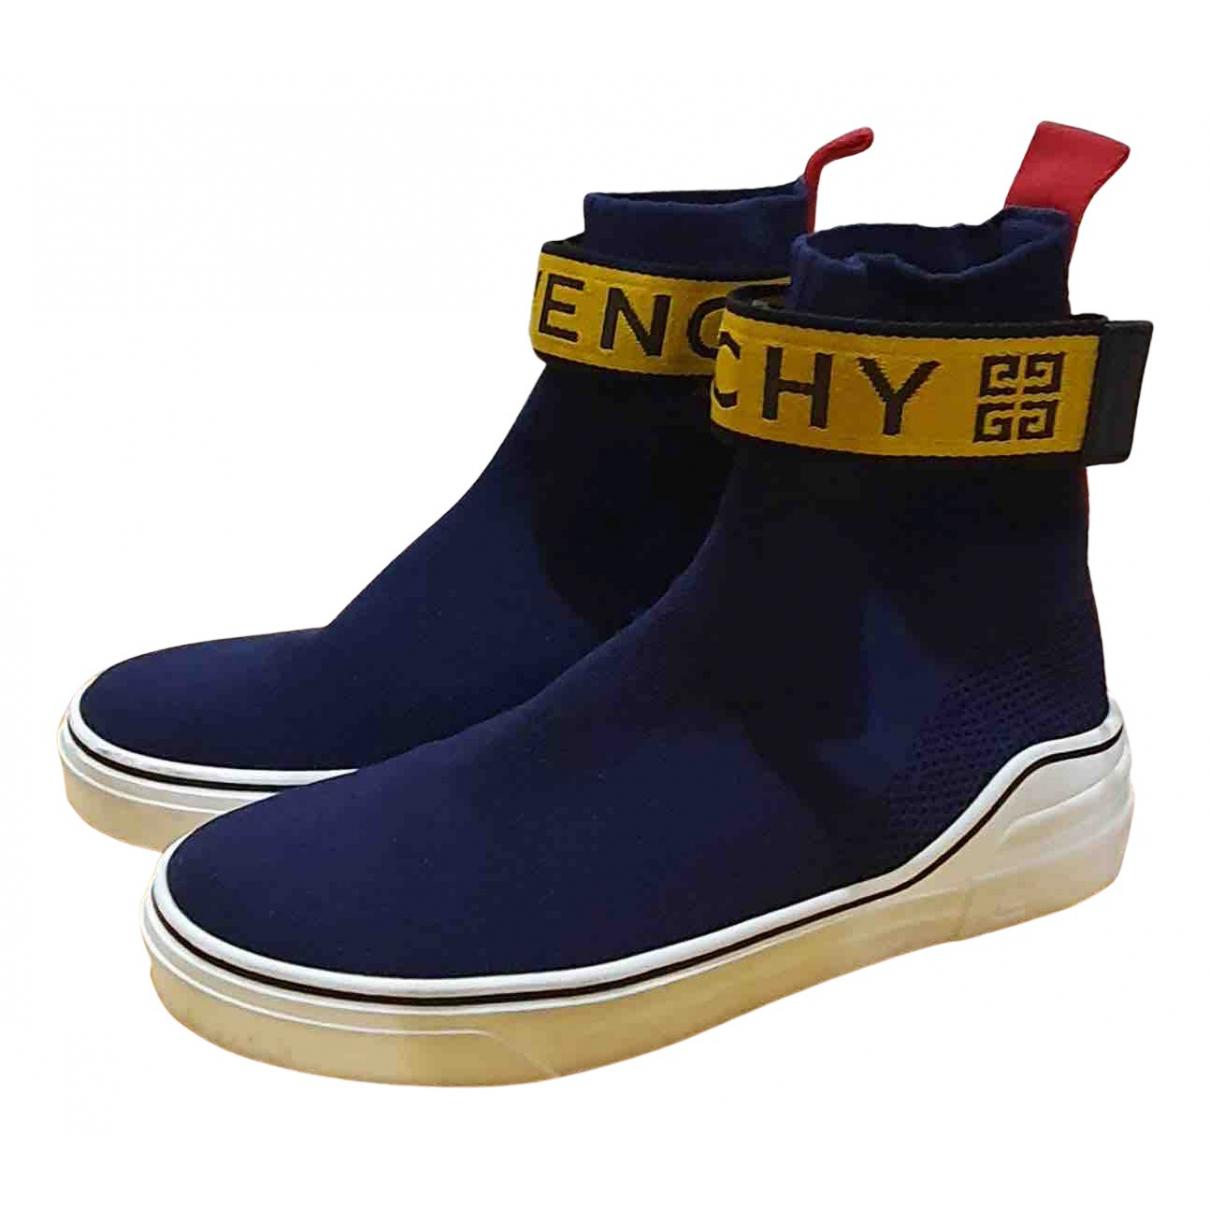 Givenchy - Baskets   pour homme en autre - bleu